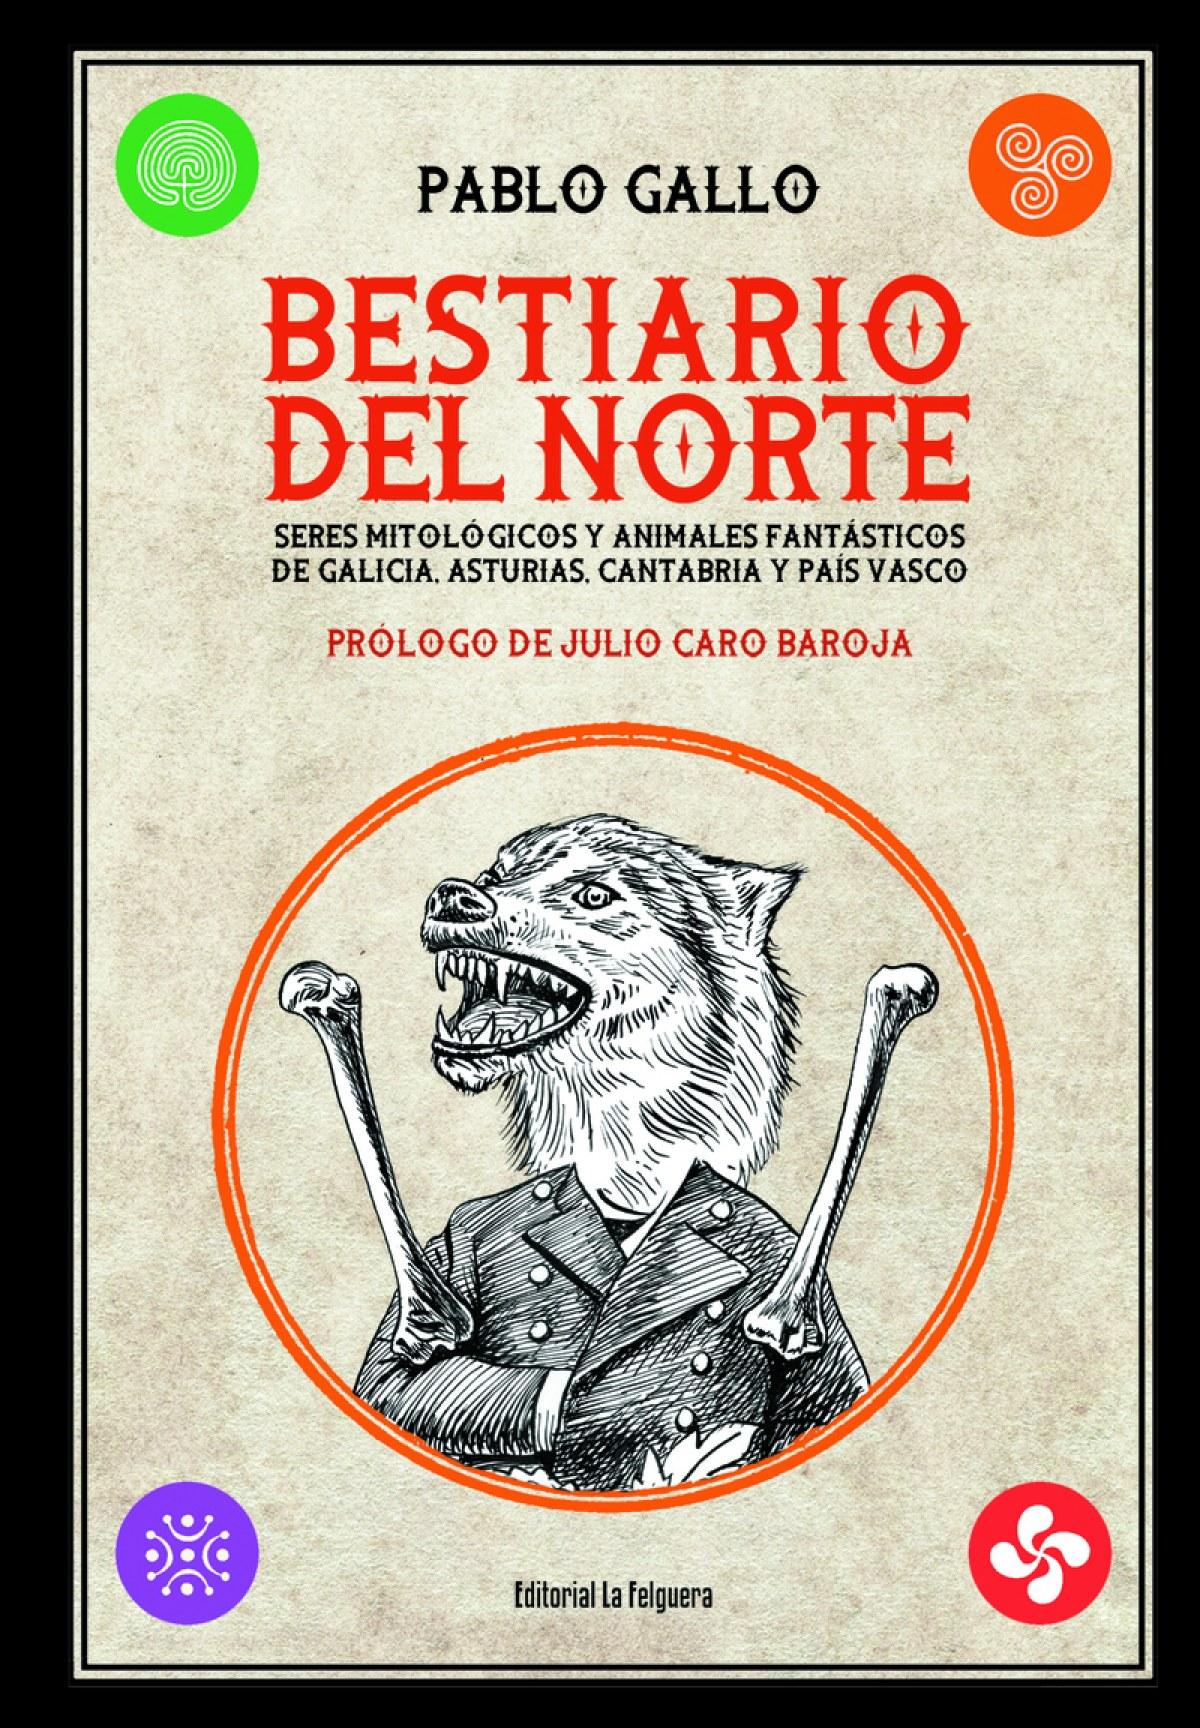 BESTIARIO DEL NORTE 9788412044287